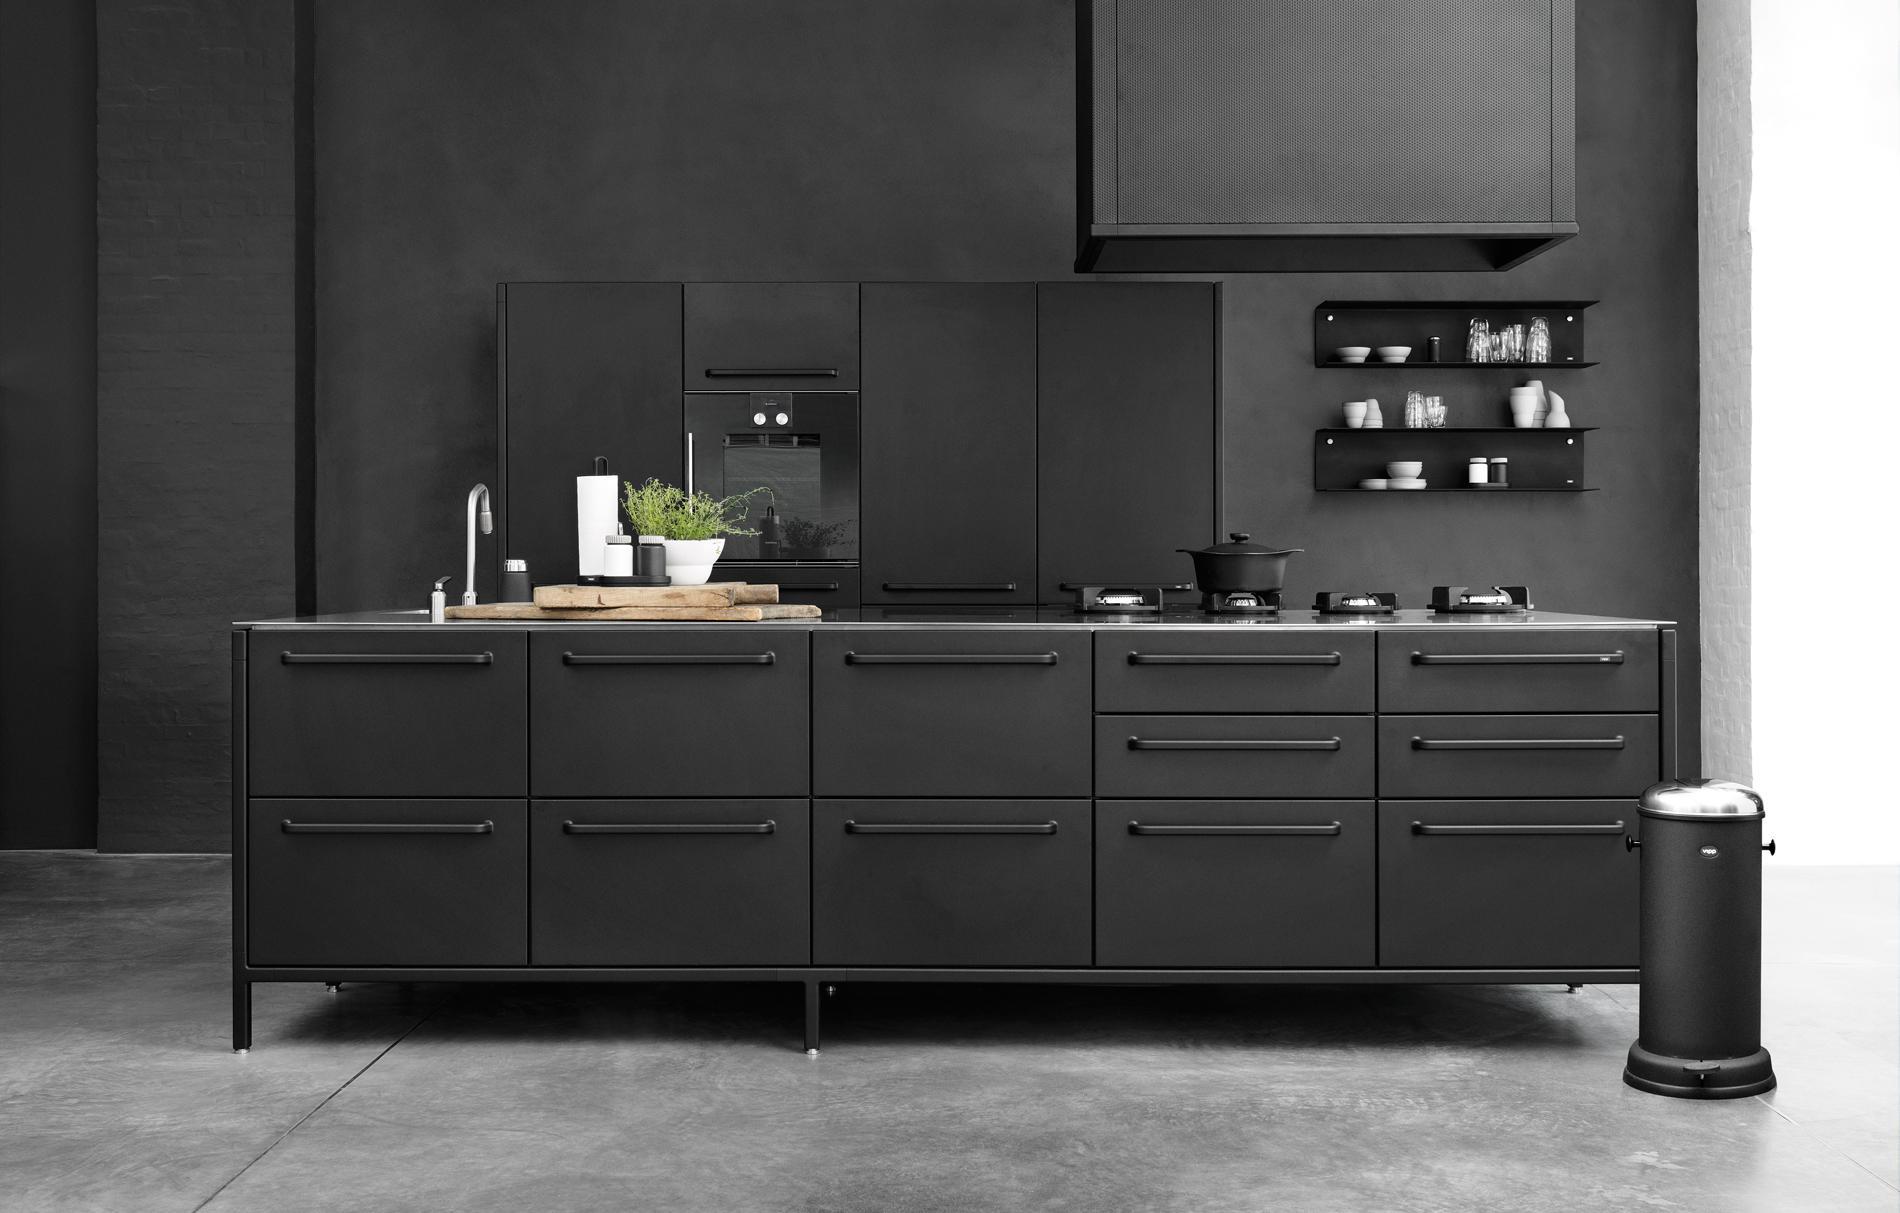 douche l italienne carreaux de ciment ardoise les erreurs viter en d co madame figaro. Black Bedroom Furniture Sets. Home Design Ideas